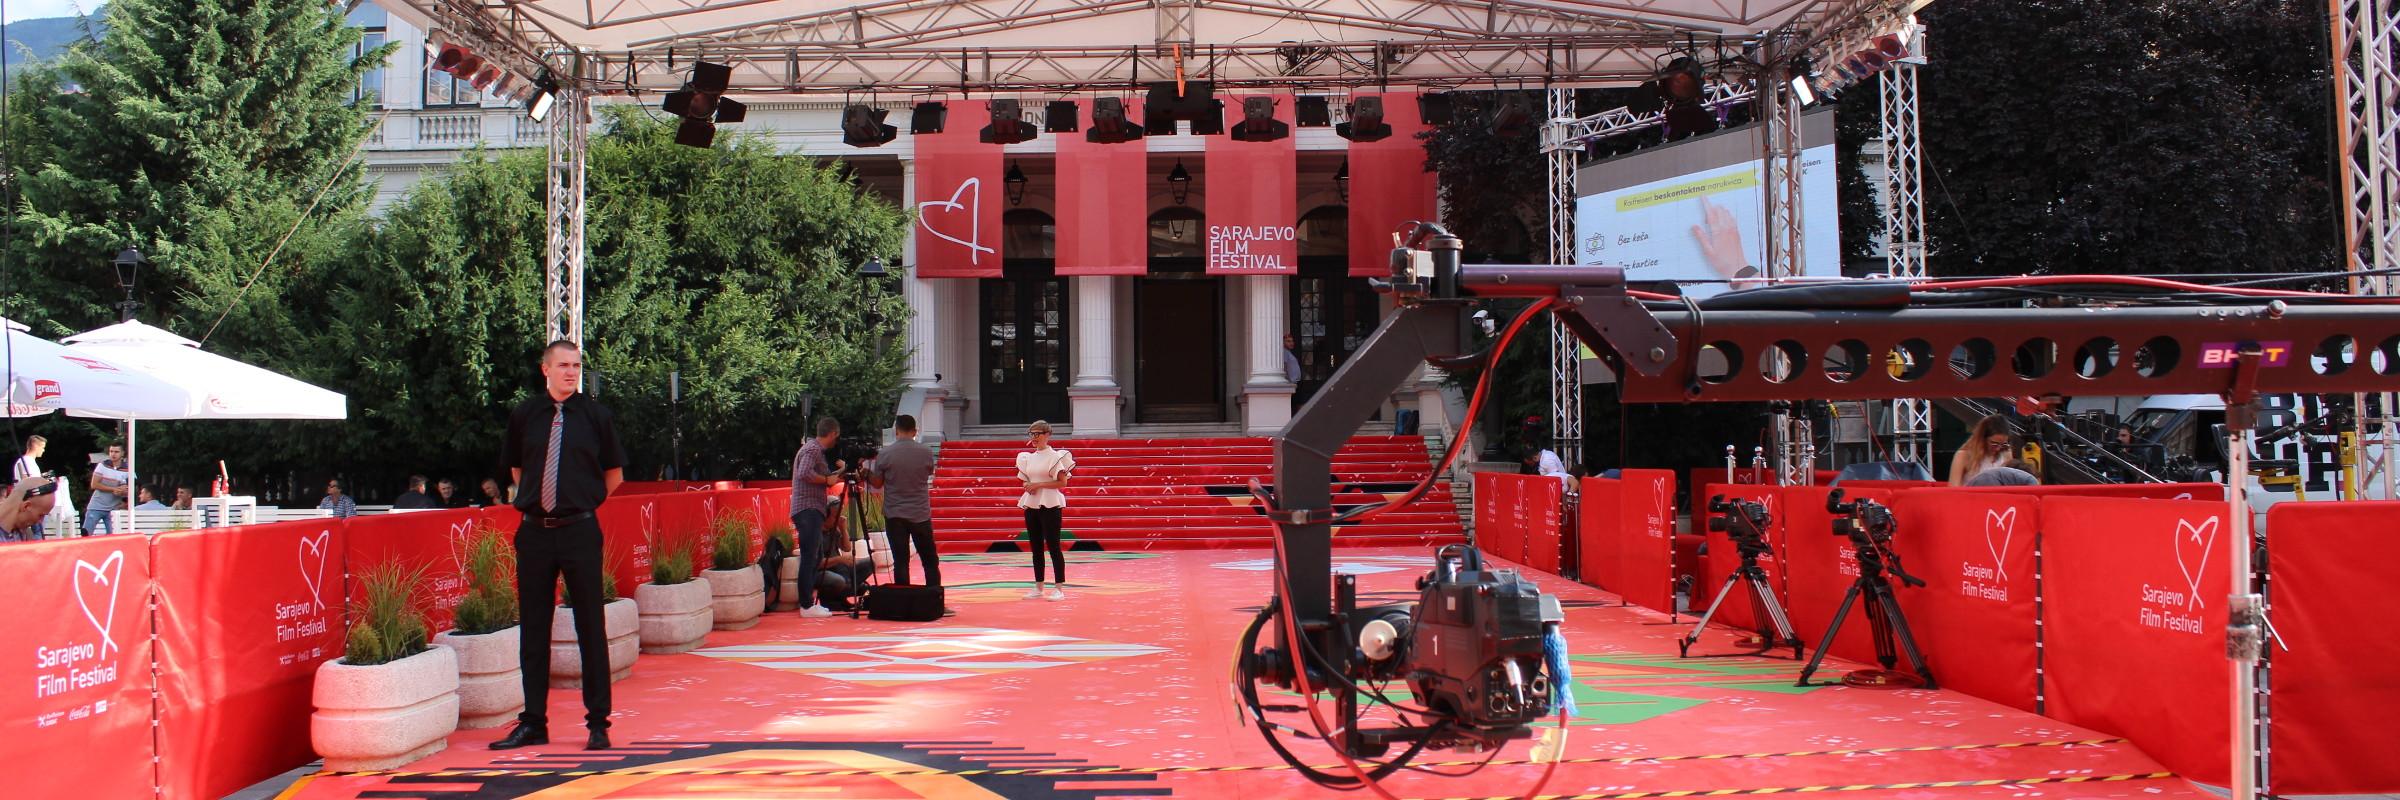 Фестивали и события в Сараеве